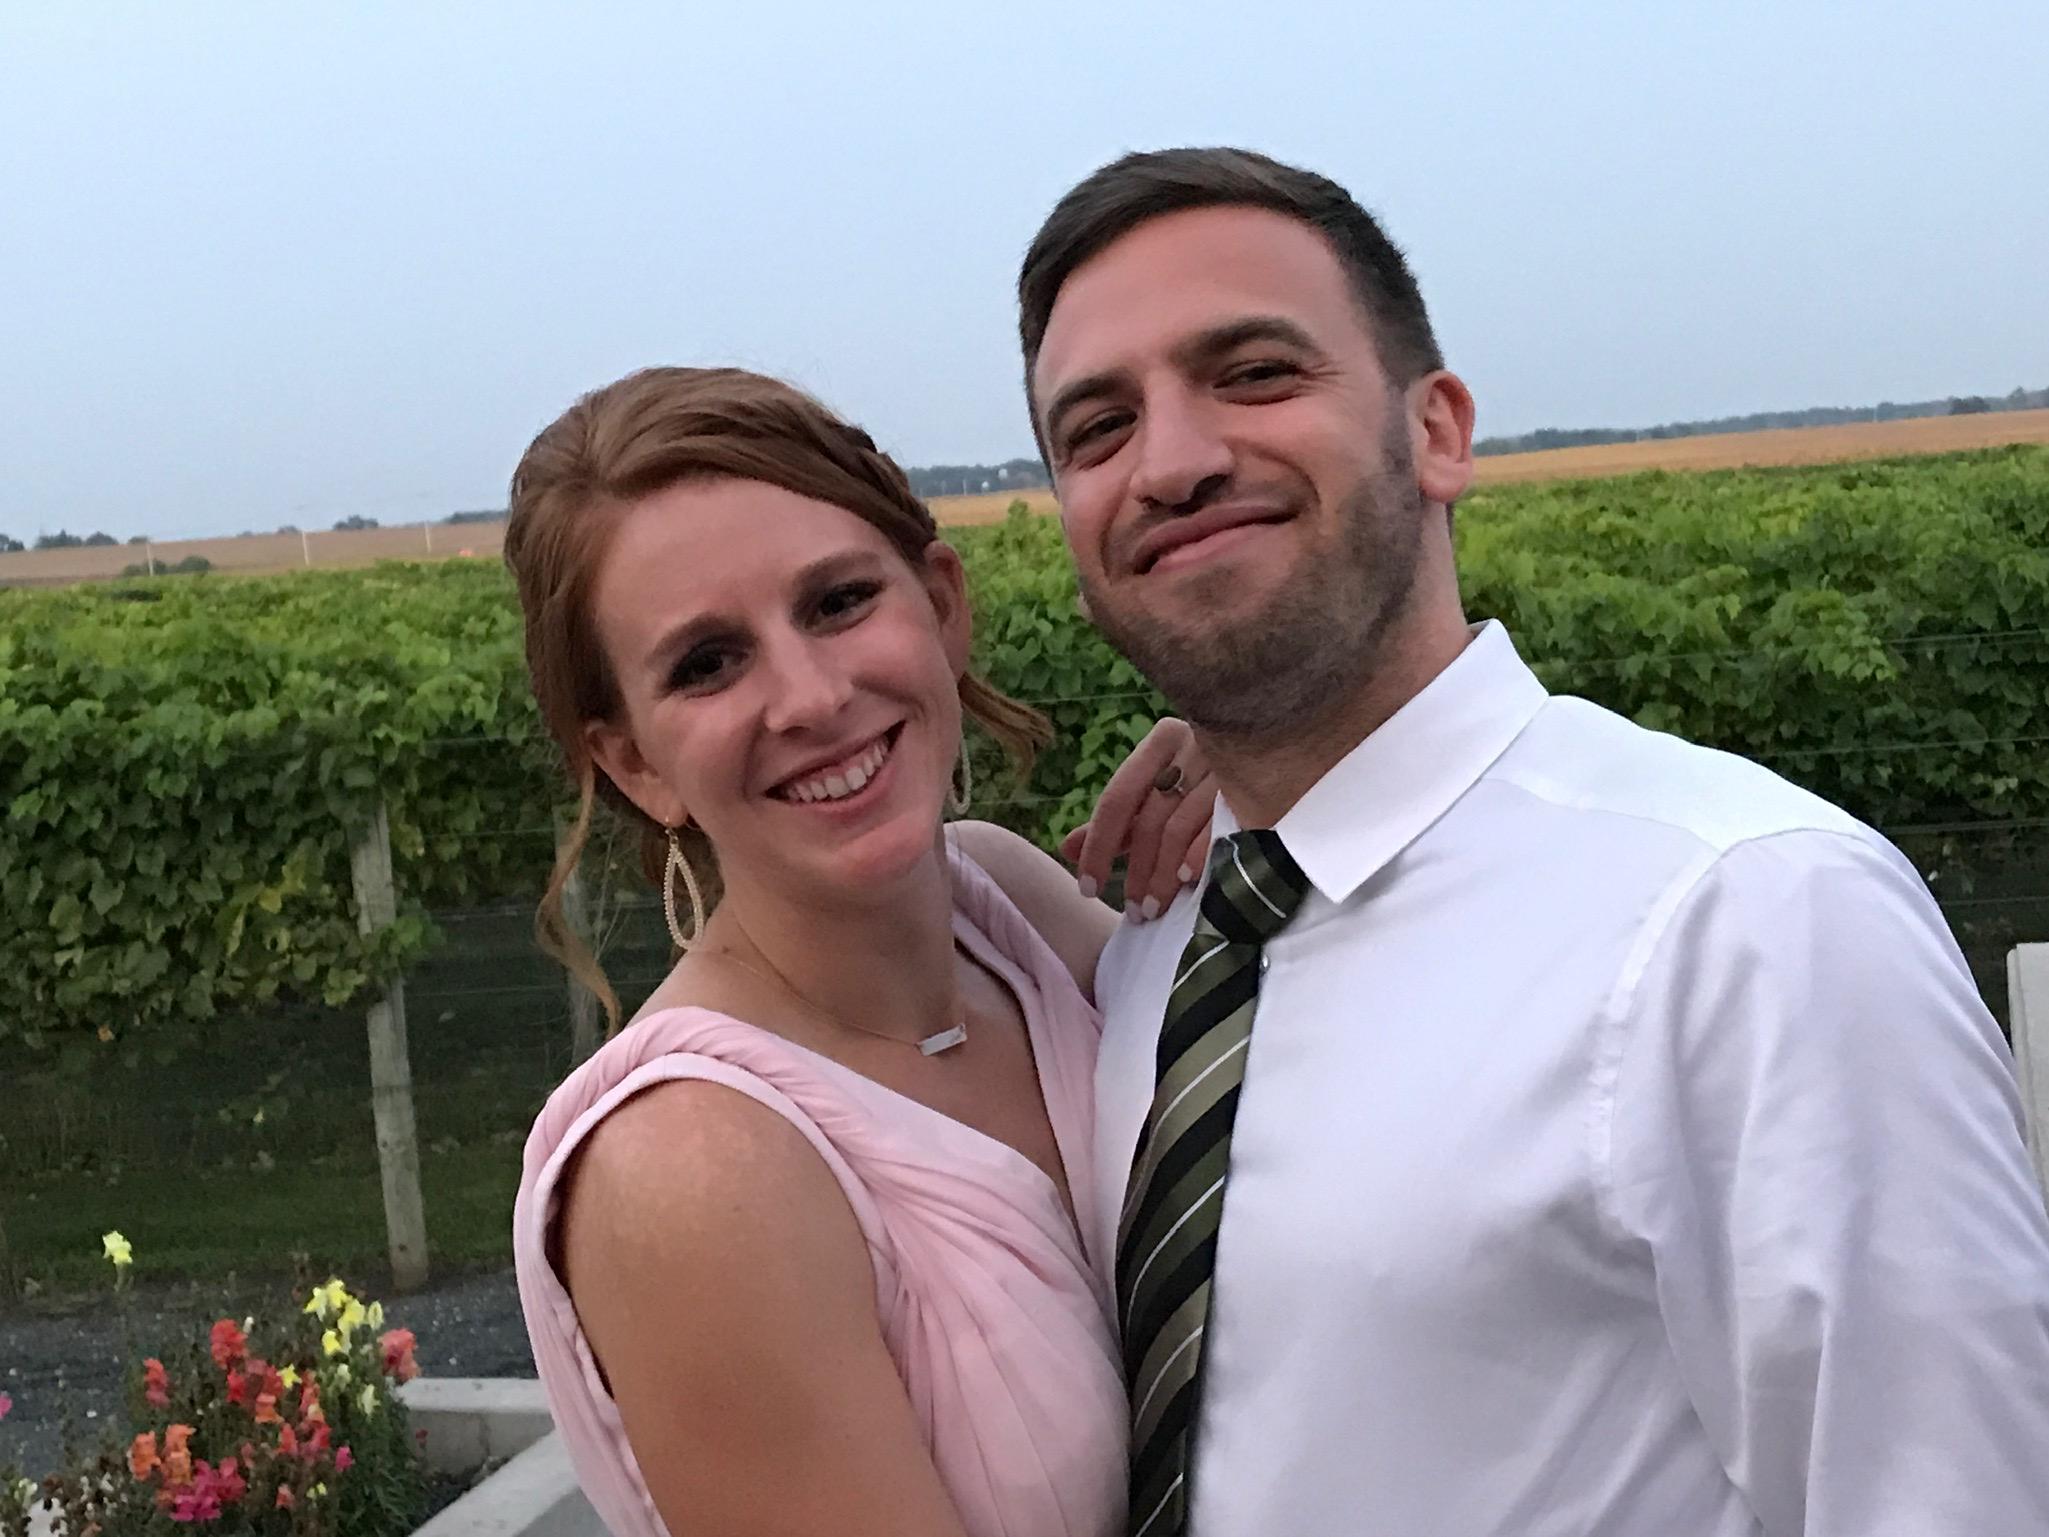 EMILY & STEVES WEDDING IN MINNESOTA